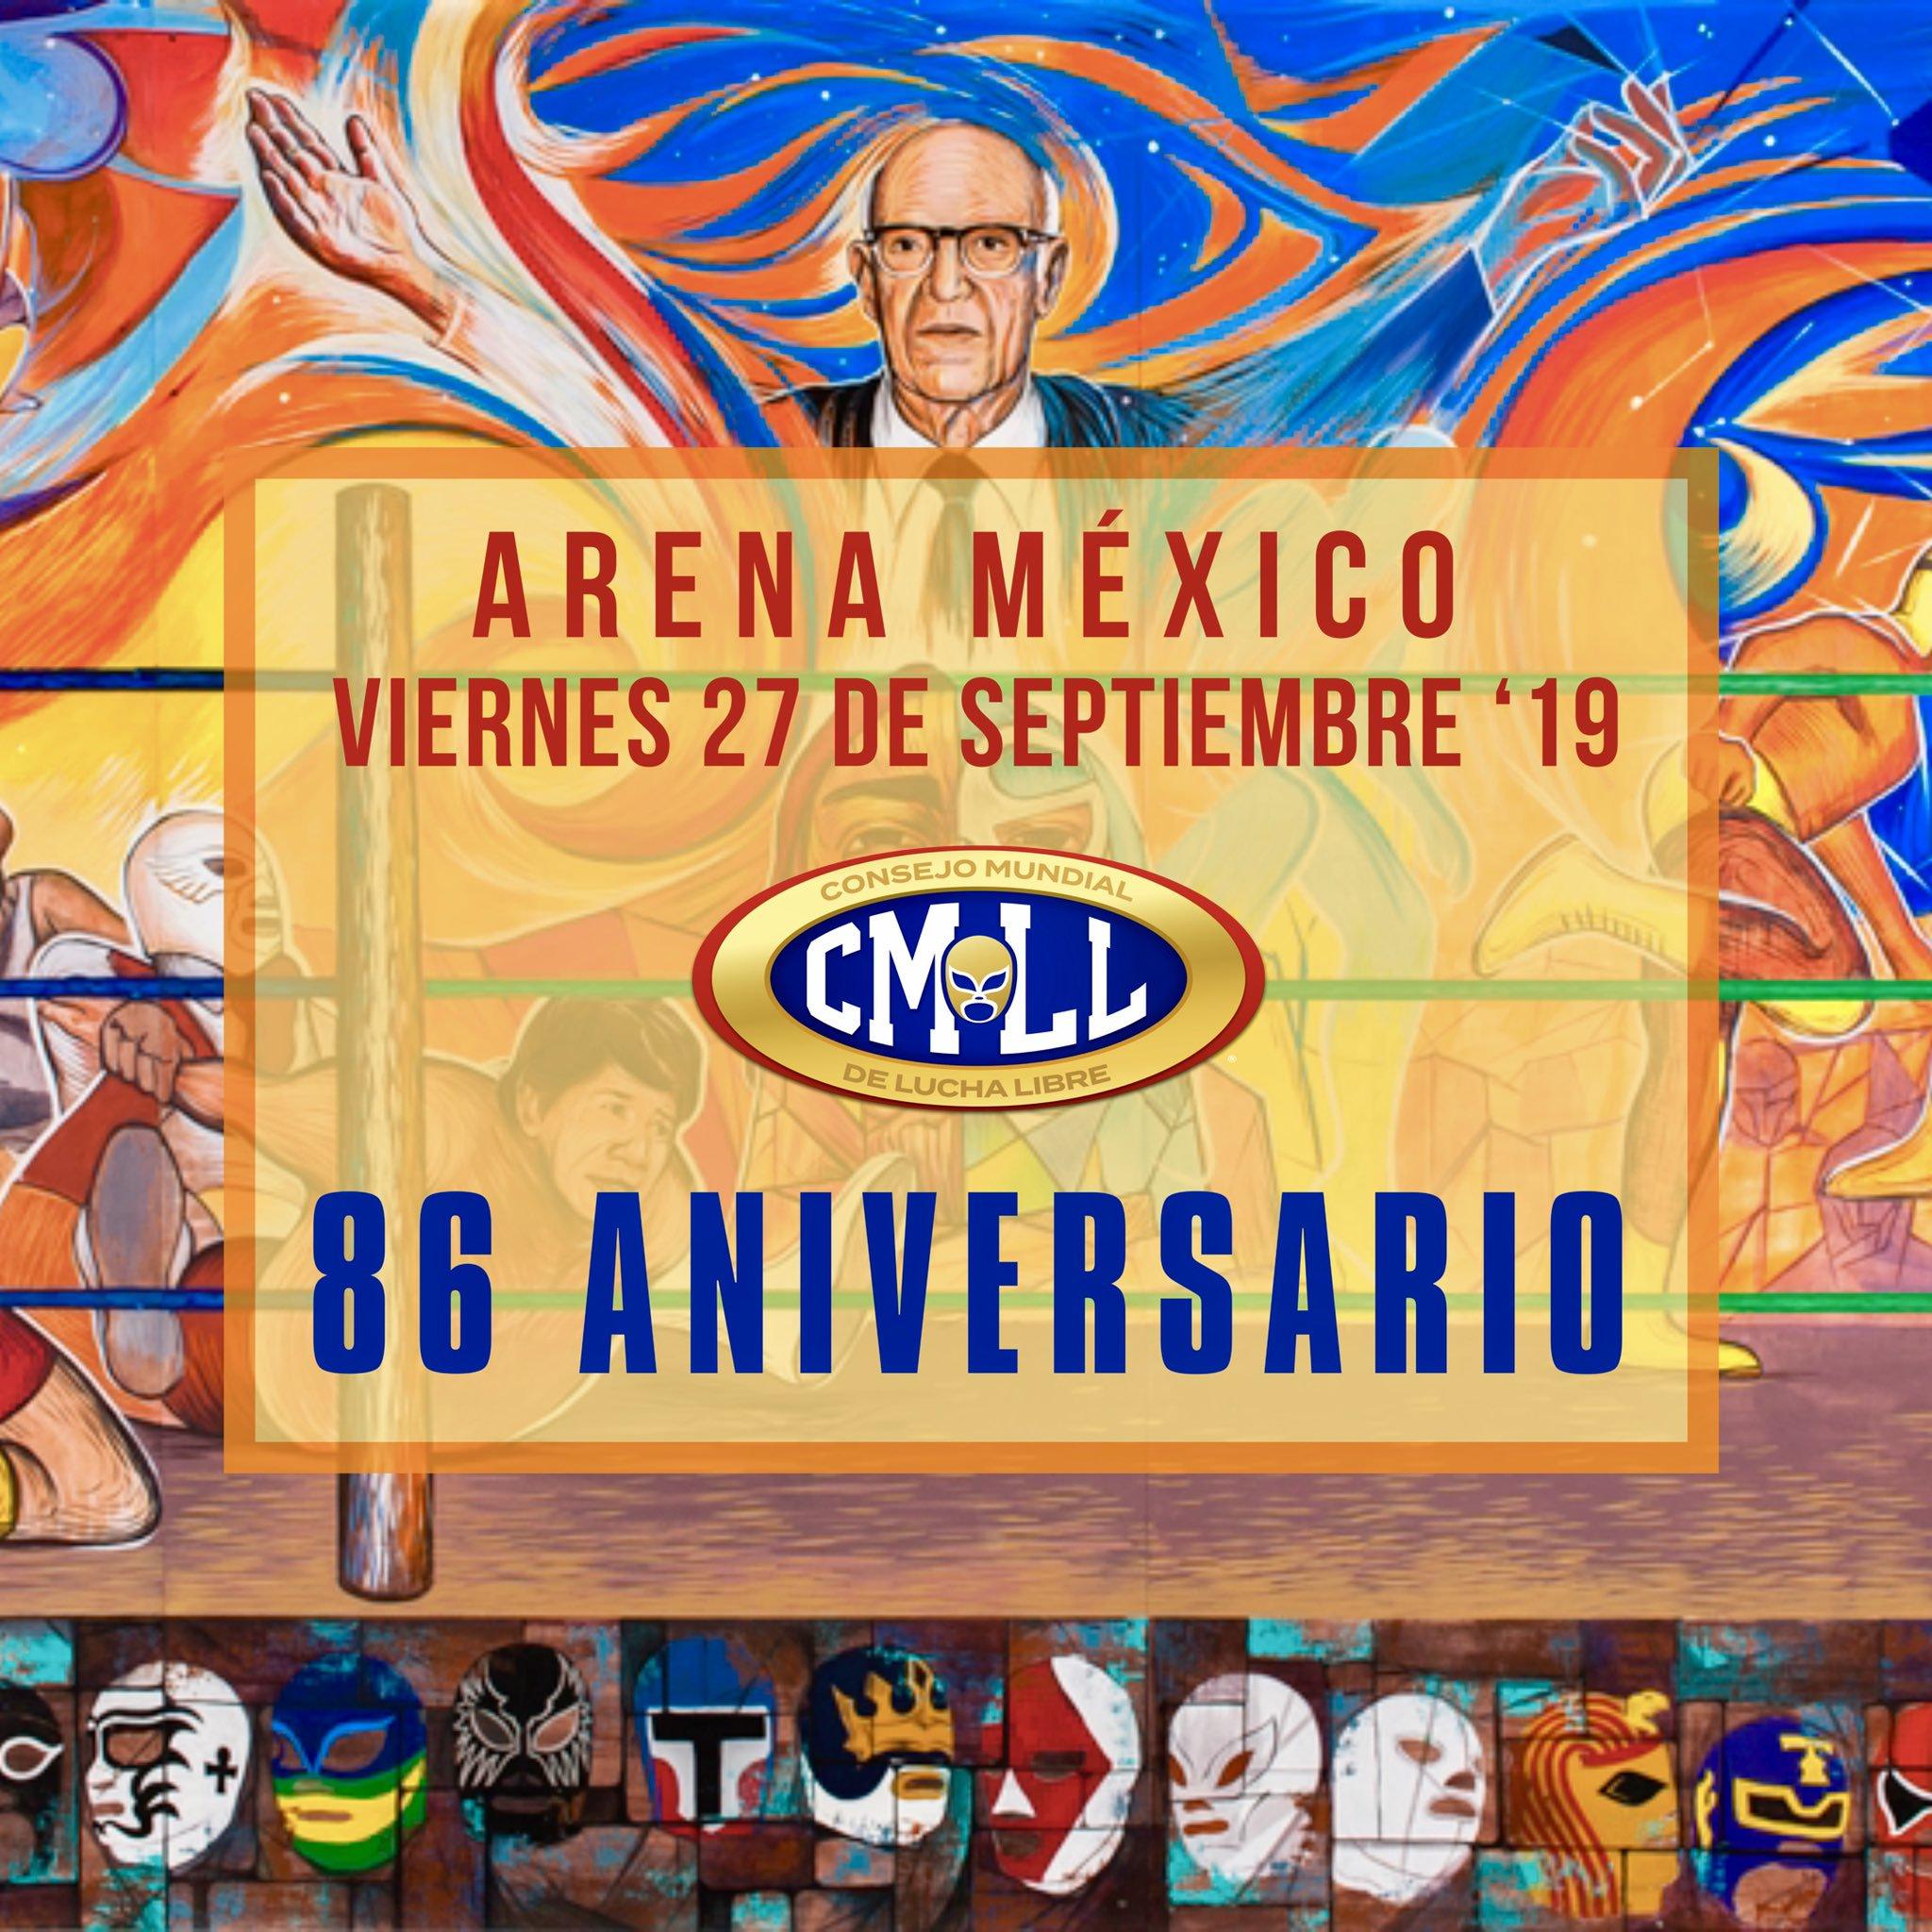 Festejo por aniversario del CMLL se llevará a cabo el 27 de septiembre